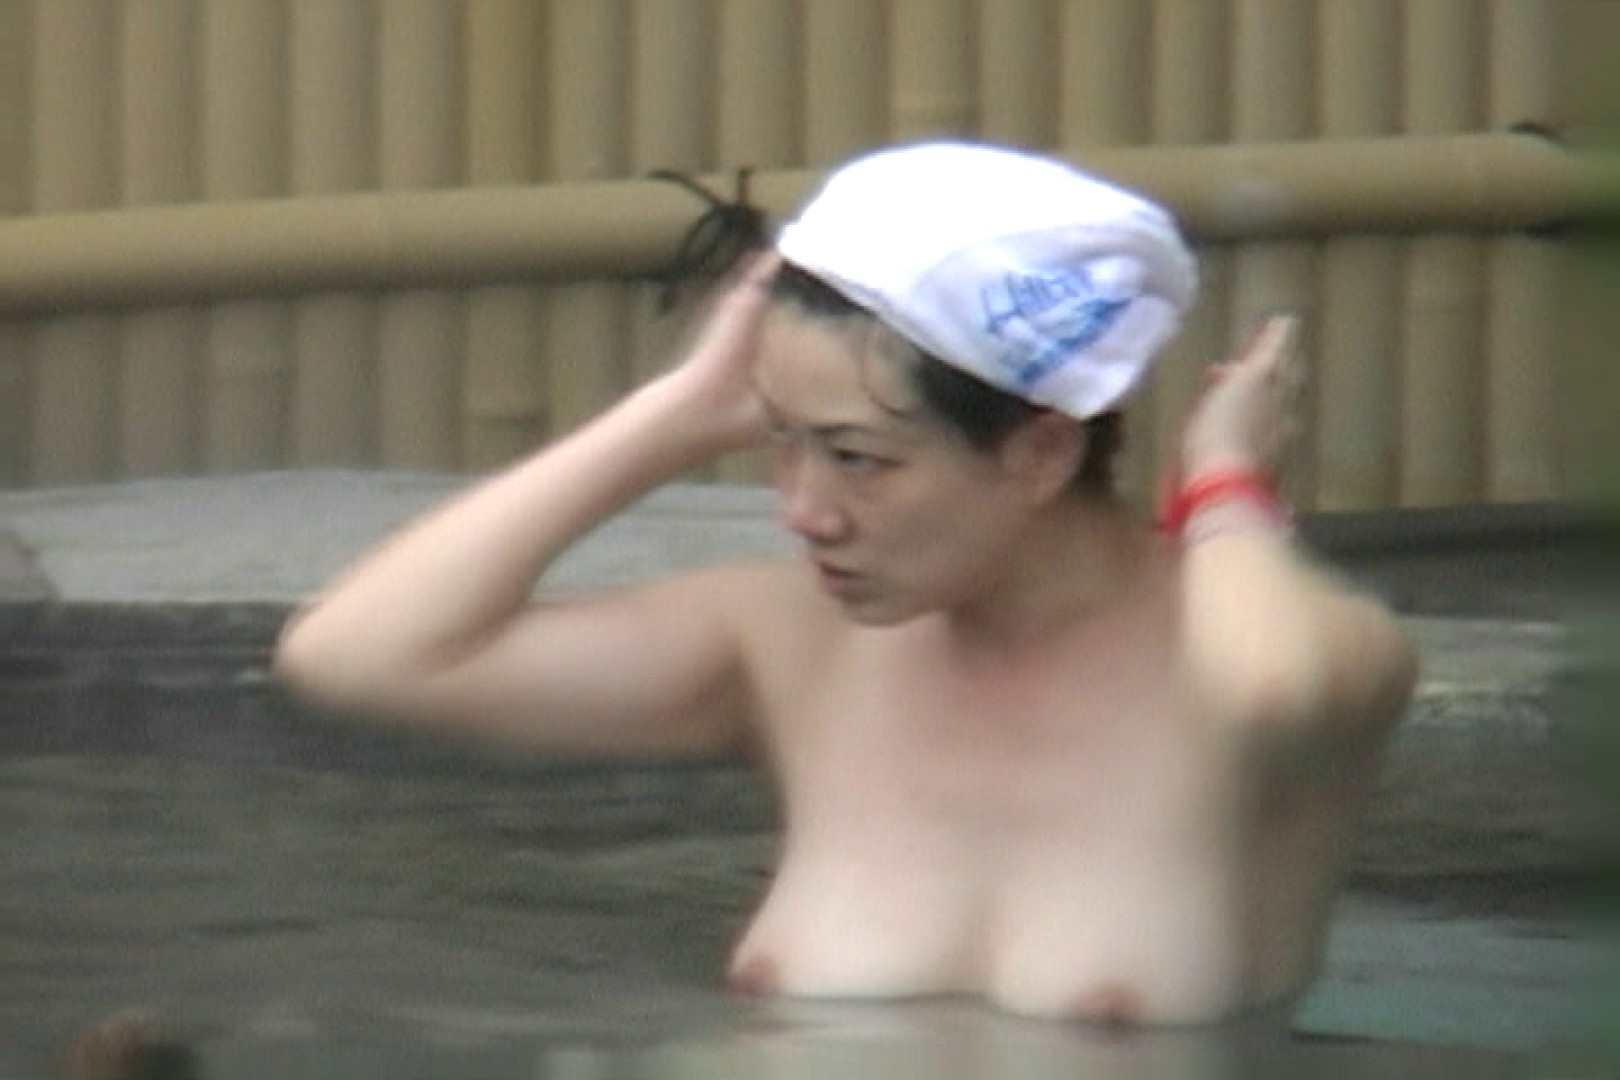 Aquaな露天風呂Vol.547 盗撮動画 | 露天風呂  11枚 3